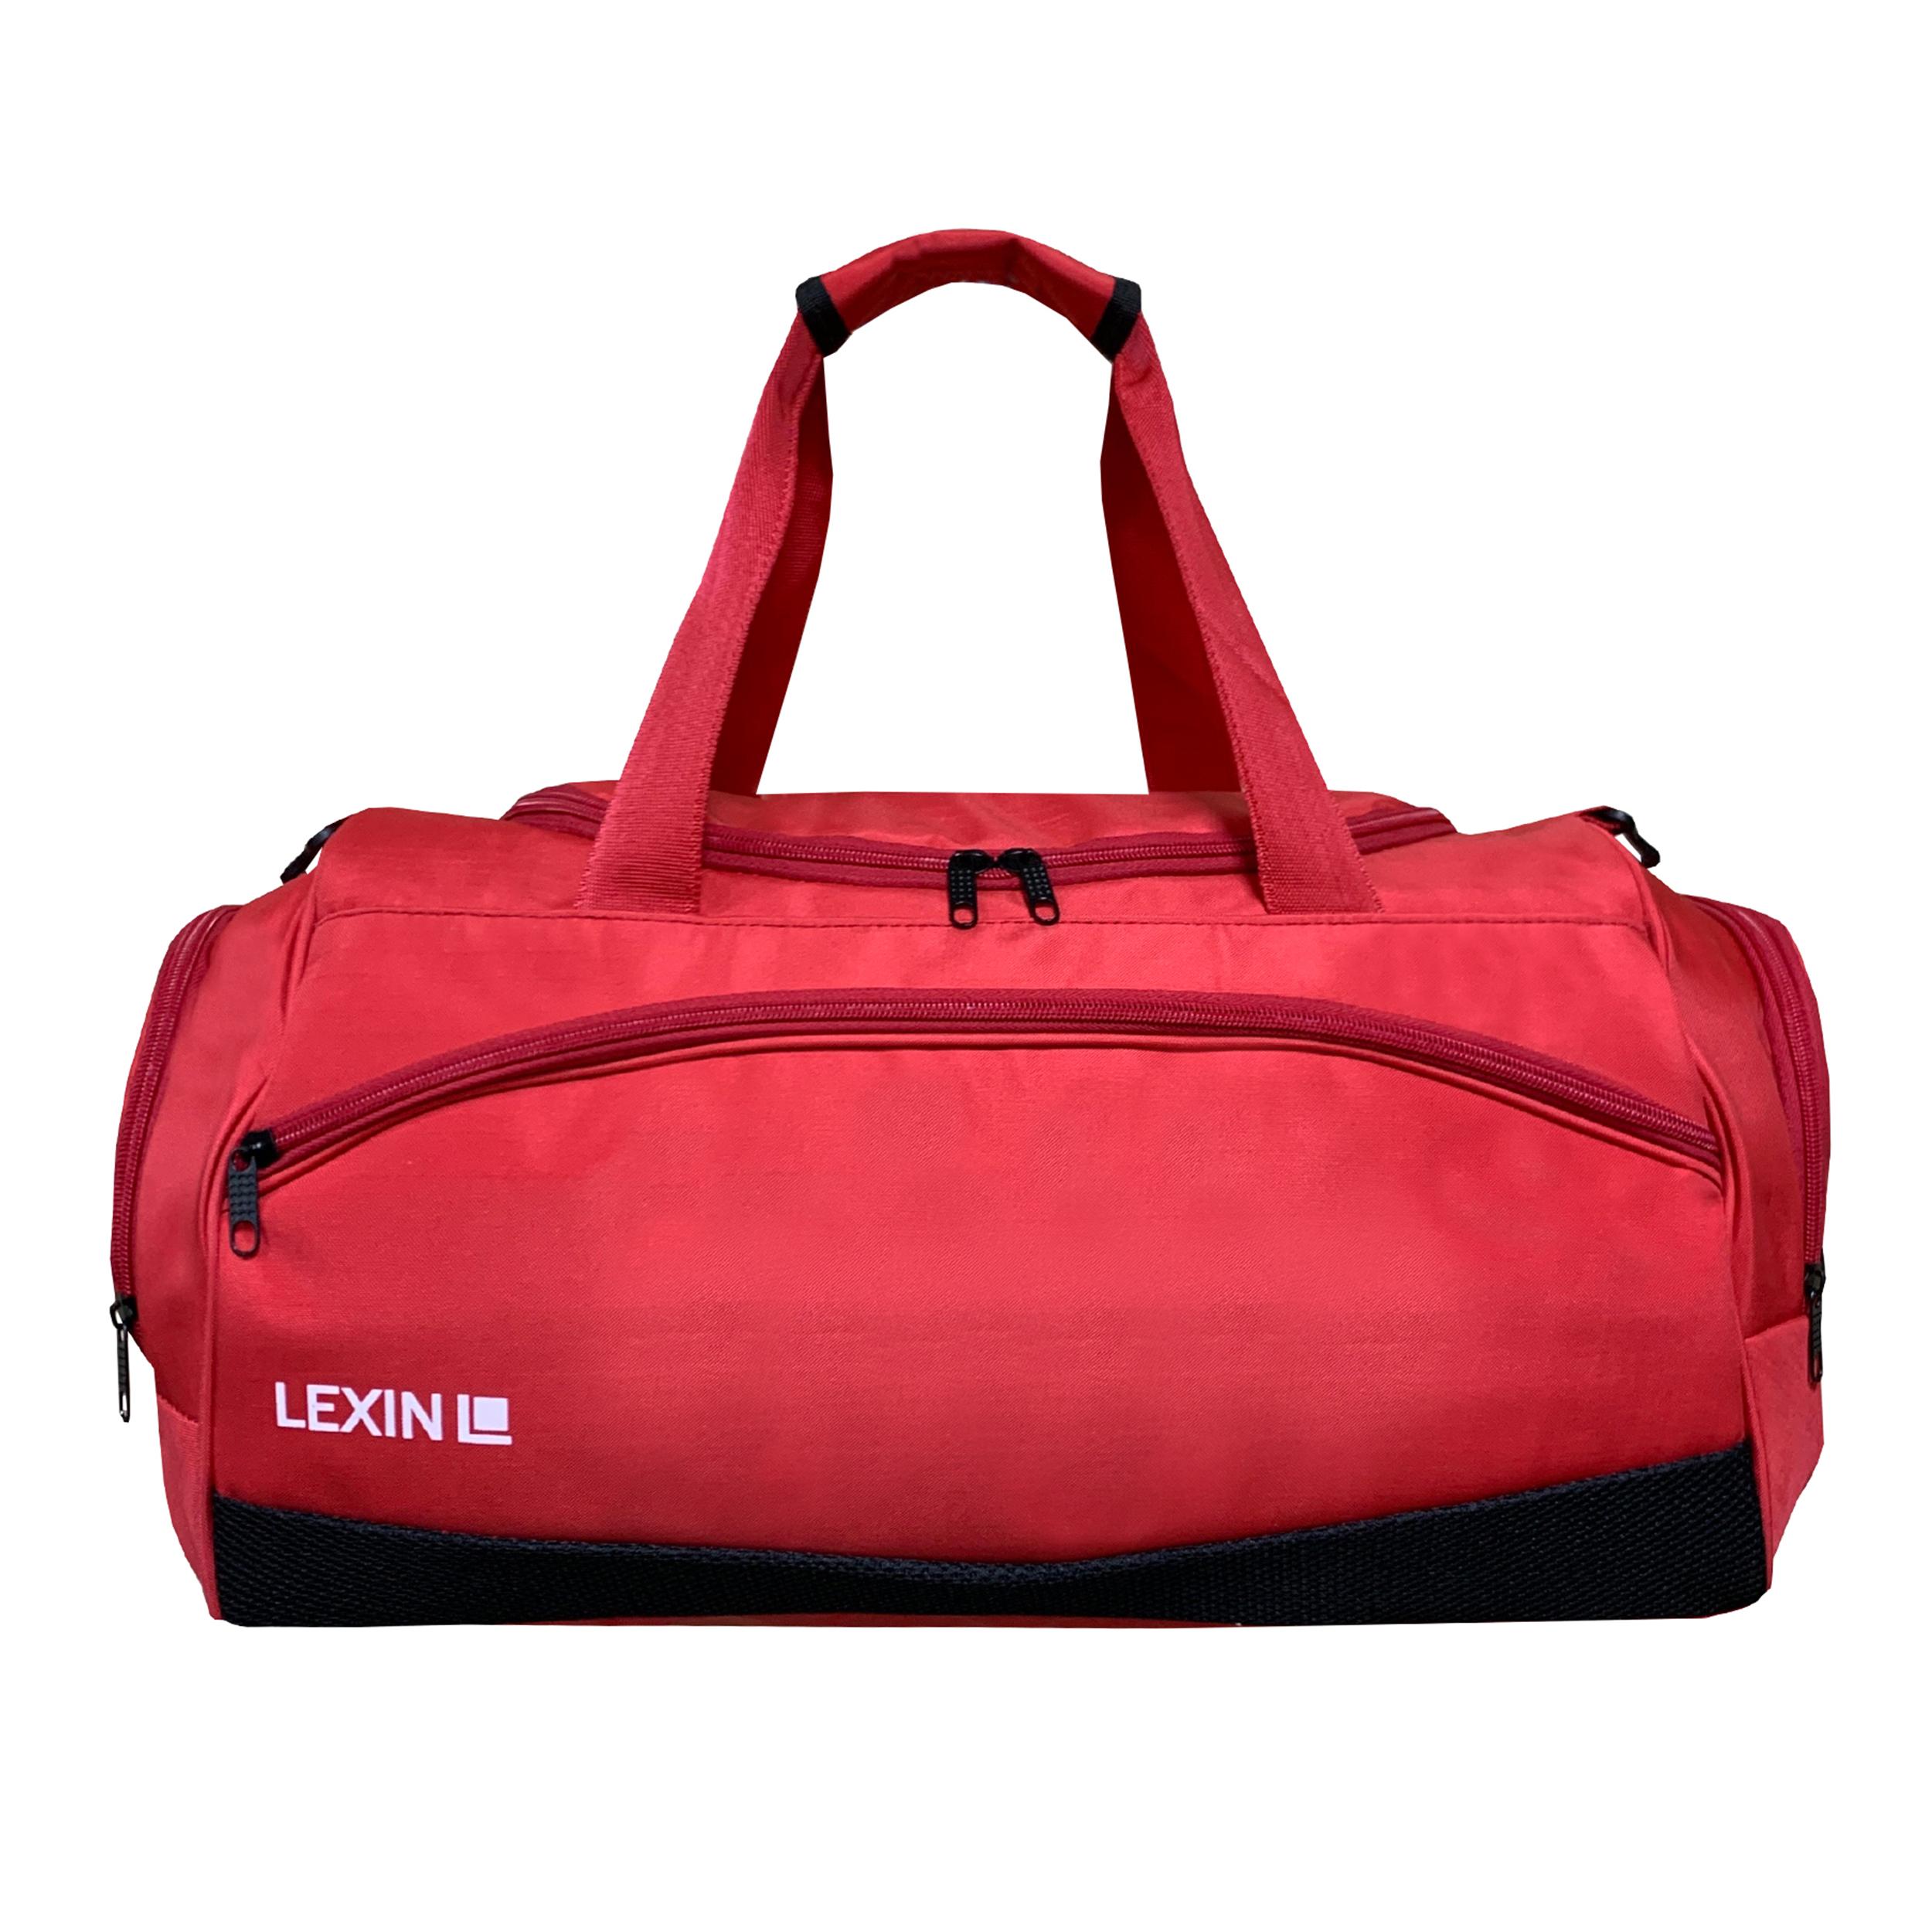 ساک ورزشی لکسین مدل LX014